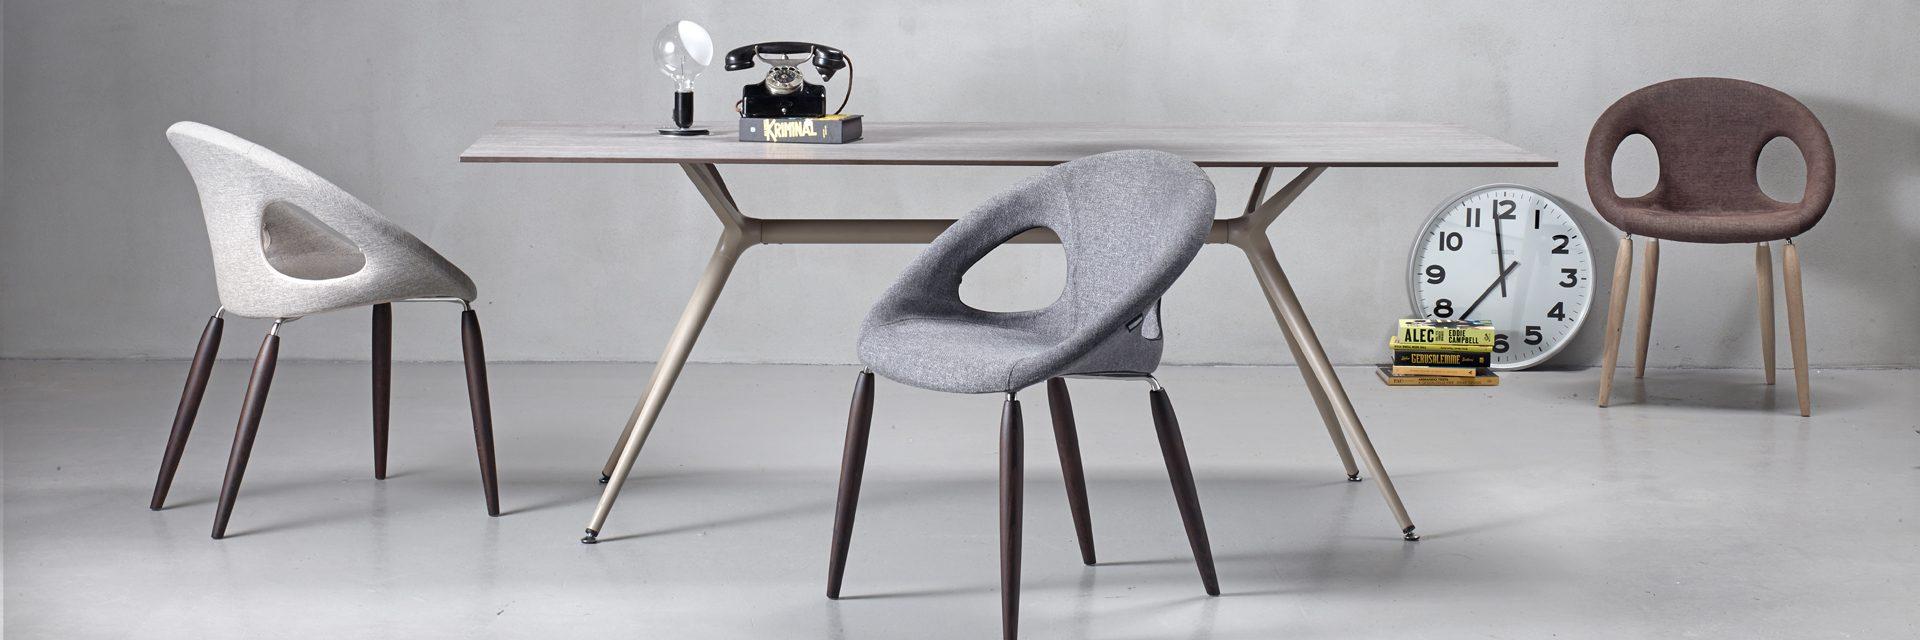 <strong>Metropolis XL</strong> - Design Centro Stile Scab